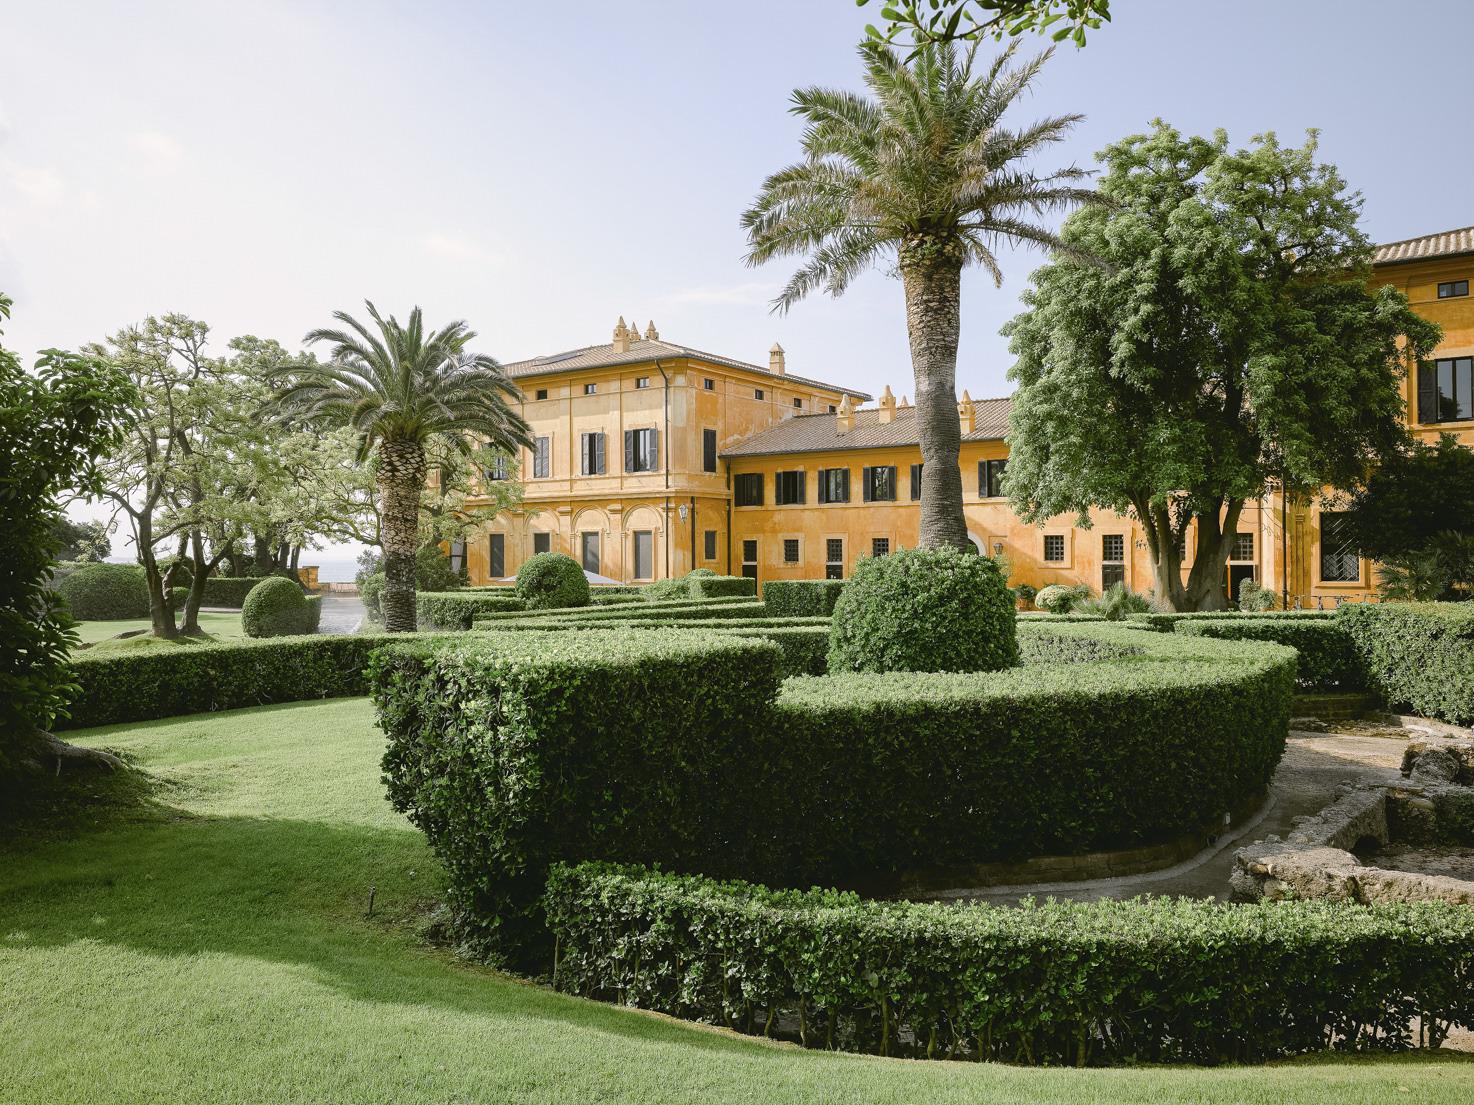 Park and gardens of La Posta Vecchia